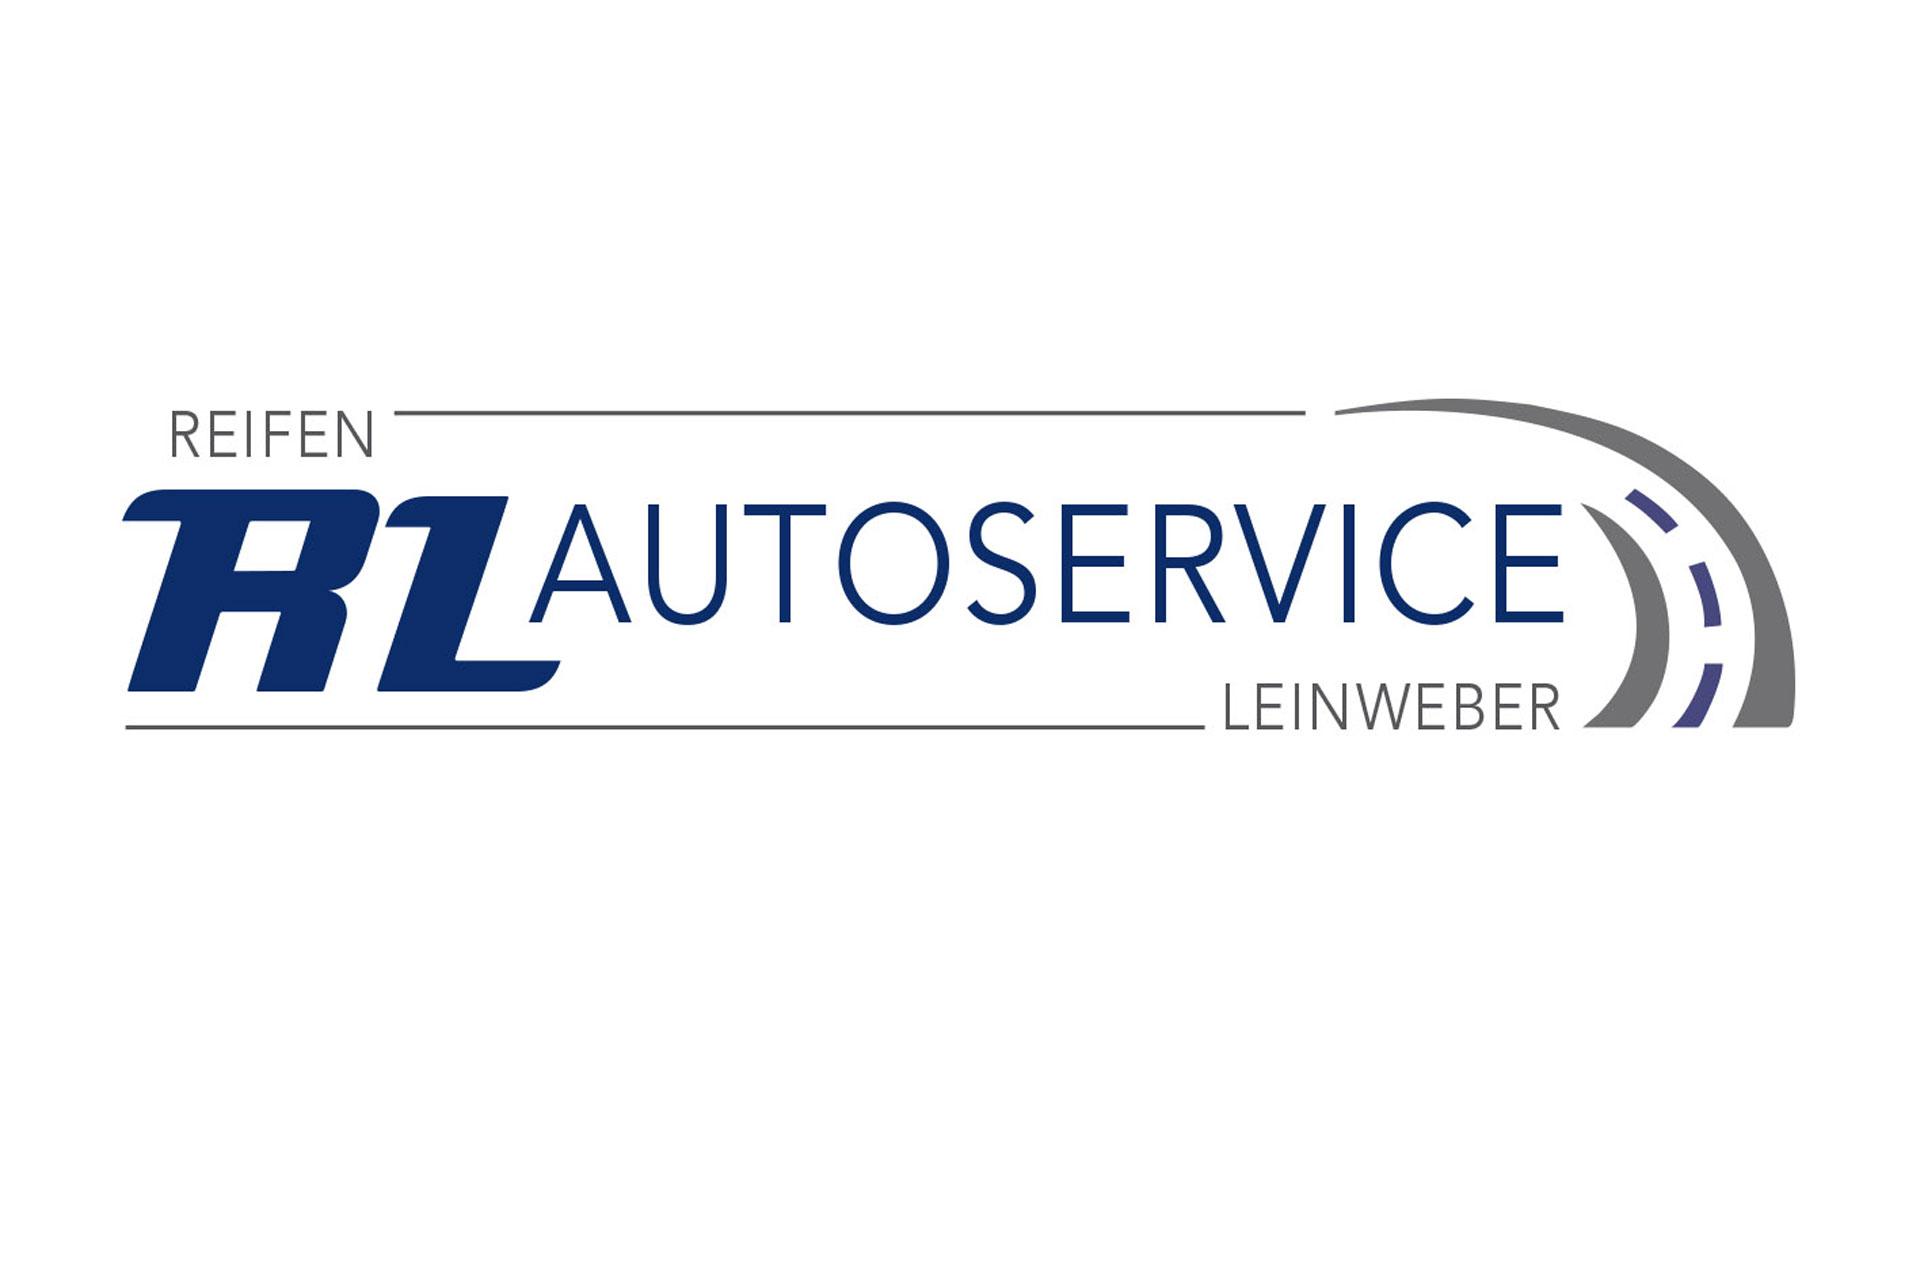 zum Bild: Logo RL Autoservice GmbH.